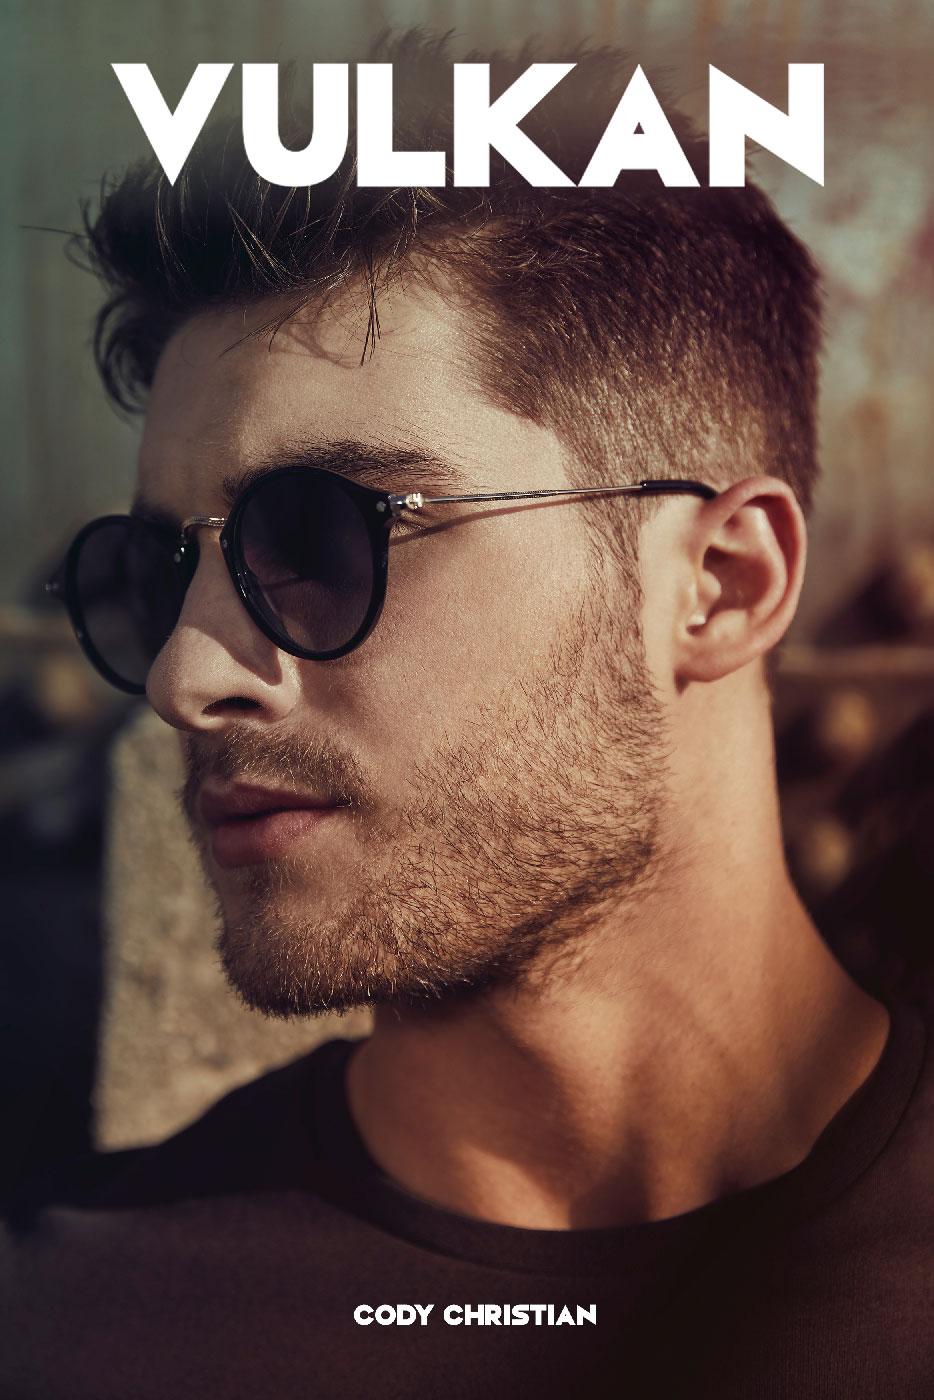 Cody Christian for Vulkan Magazine